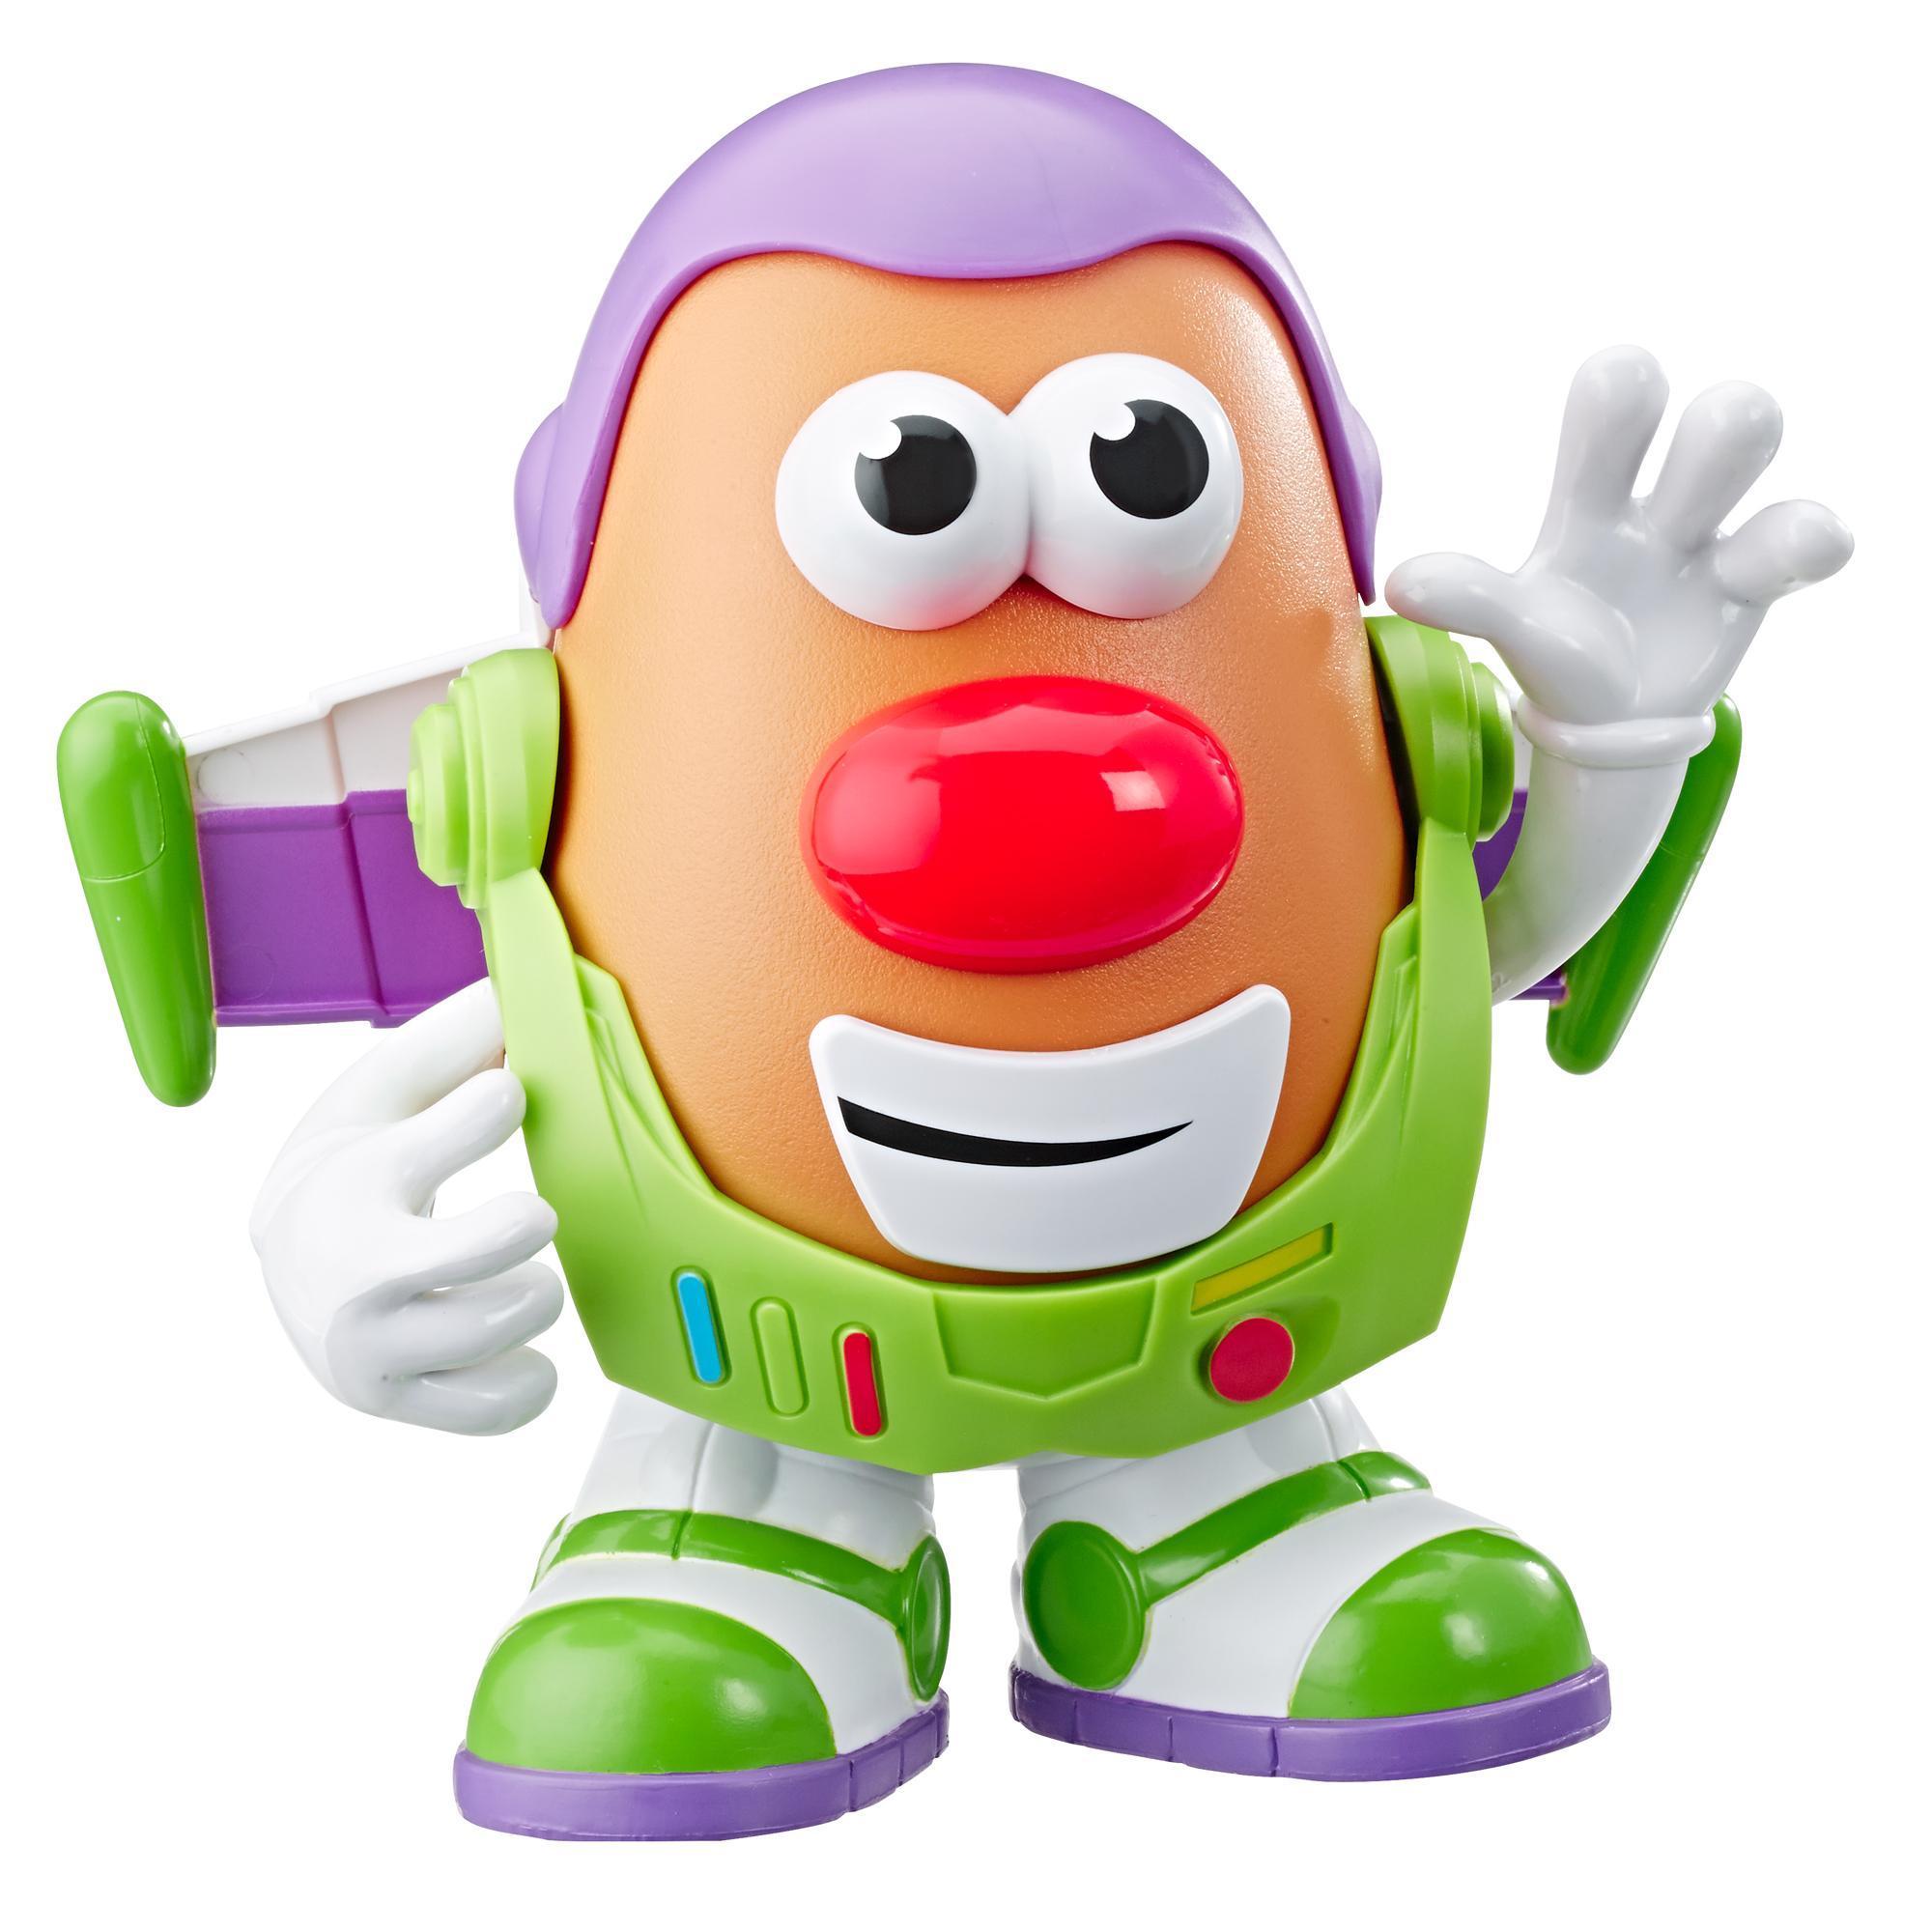 Mr. Potato Head Disney/Pixar - Figura de Spud Lightyear de Toy Story 4 - Juguete para niños de 2 años en adelante